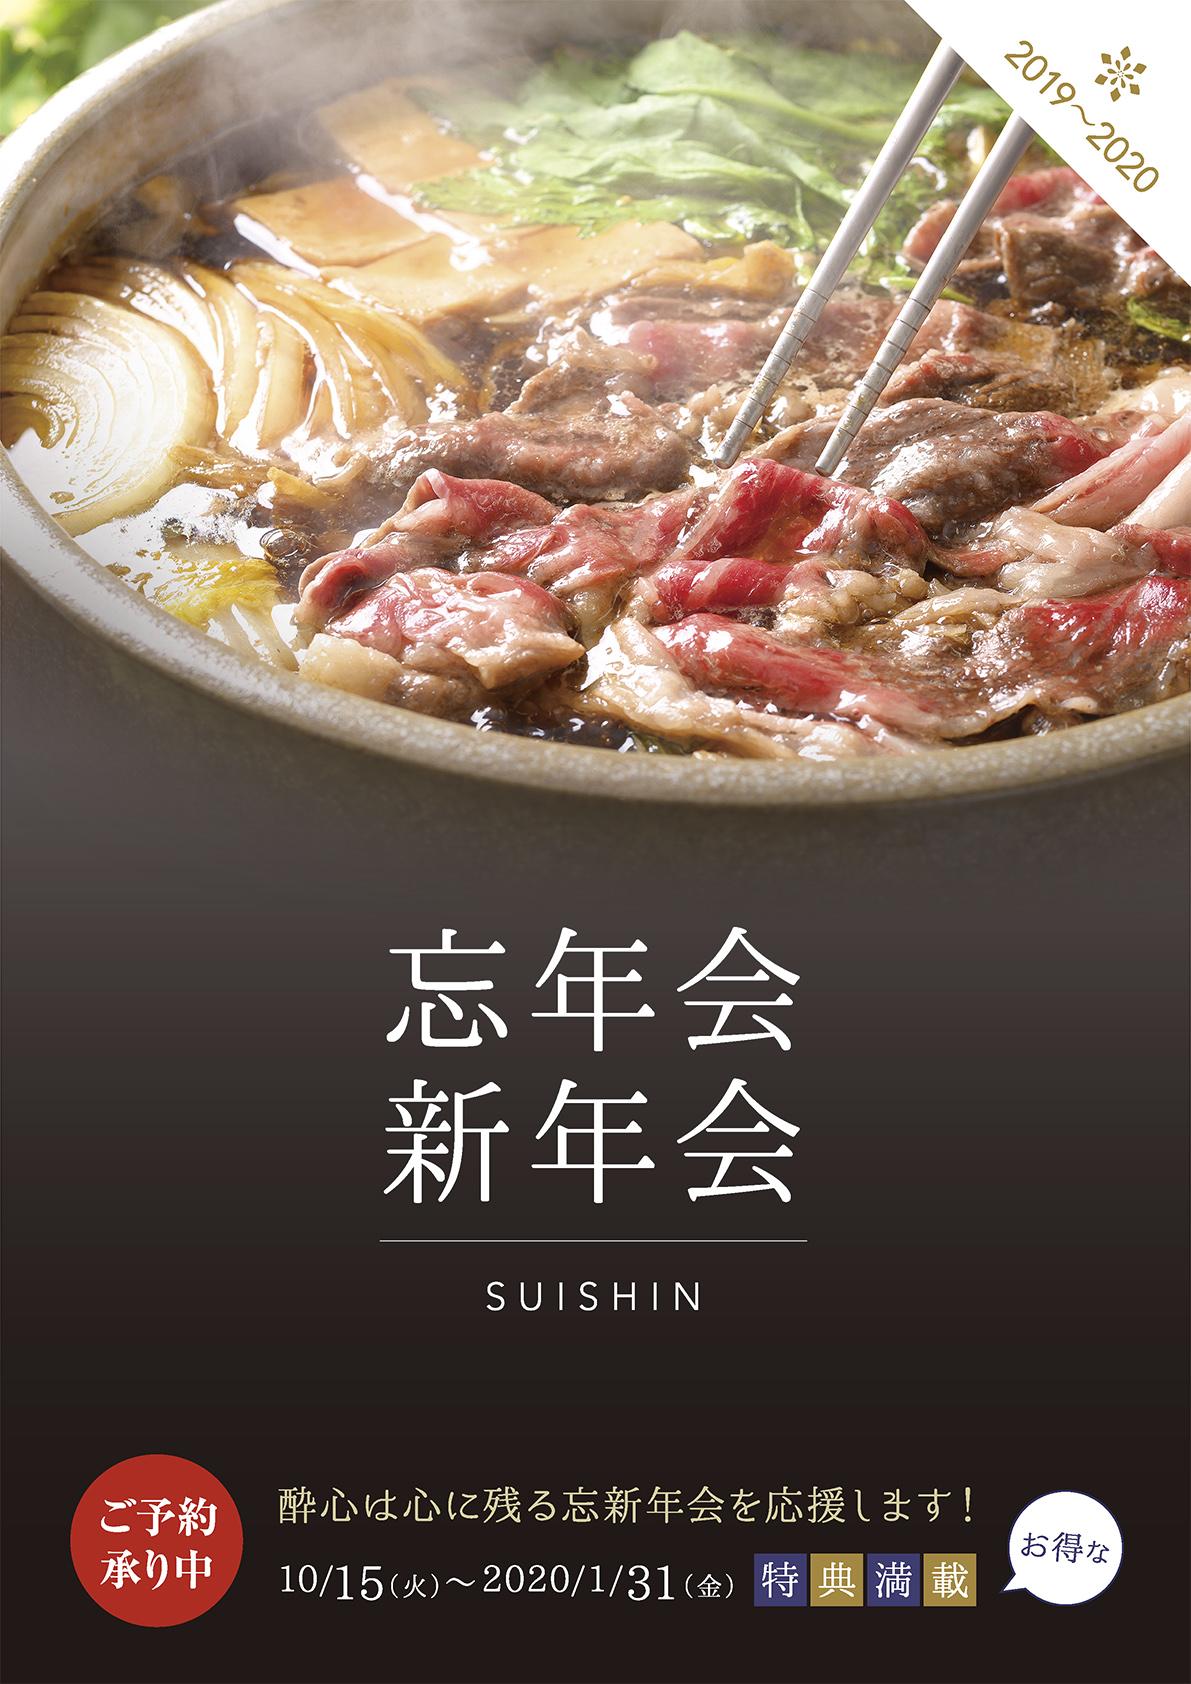 【本店】10/15〜 酔心の『忘年会』ご予約承り中!